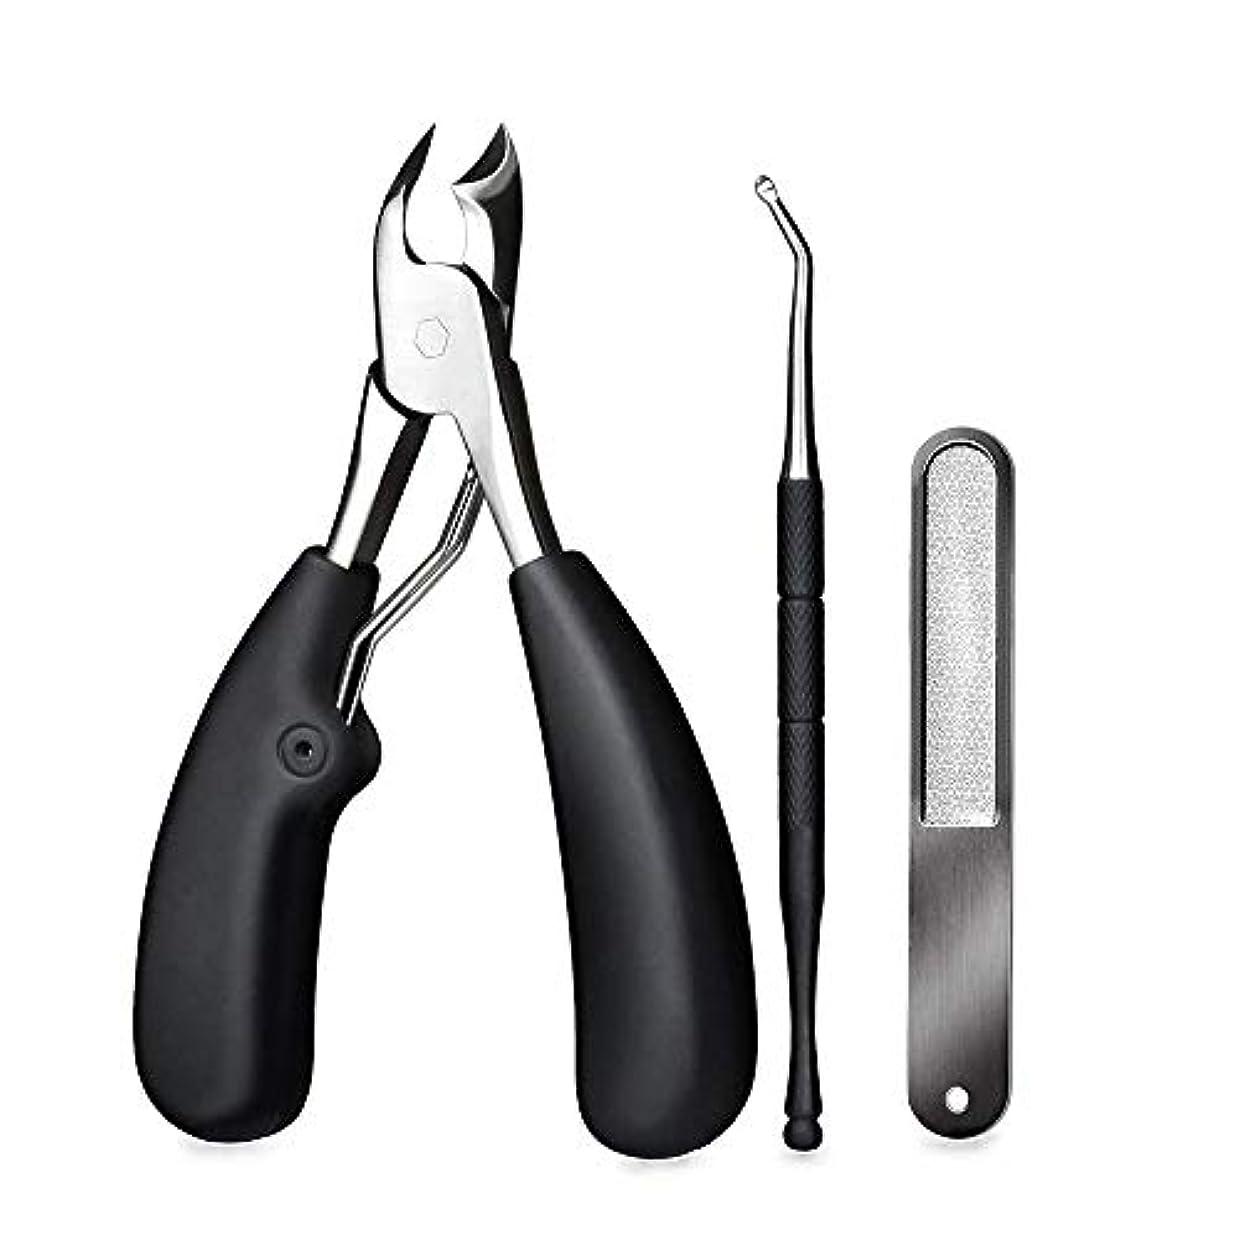 遠いブーストがんばり続ける爪切り ニッパー ステンレス製ゾンデと爪やすり付き 巻き爪 硬い爪などにも対応 3本セット